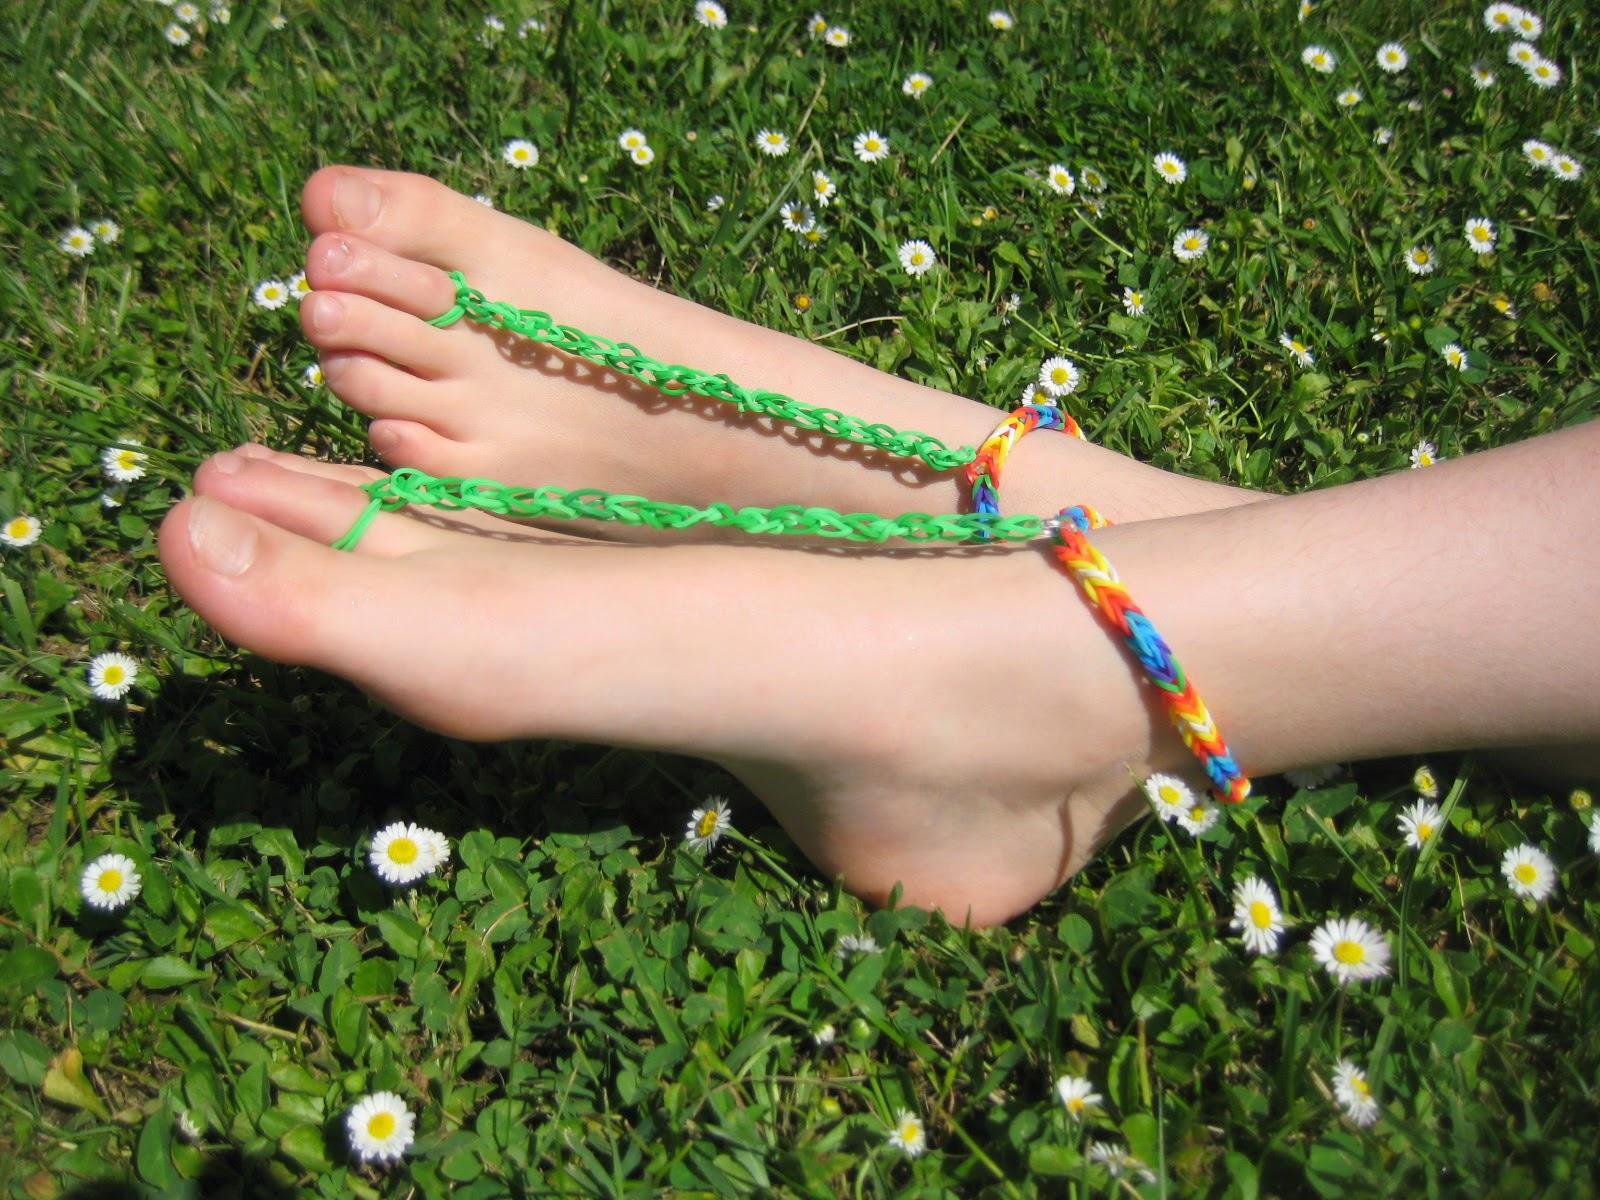 Maman je sais pas quoi faire nu pieds en lastiques rainbow - Comment faire des bracelets en elastique ...